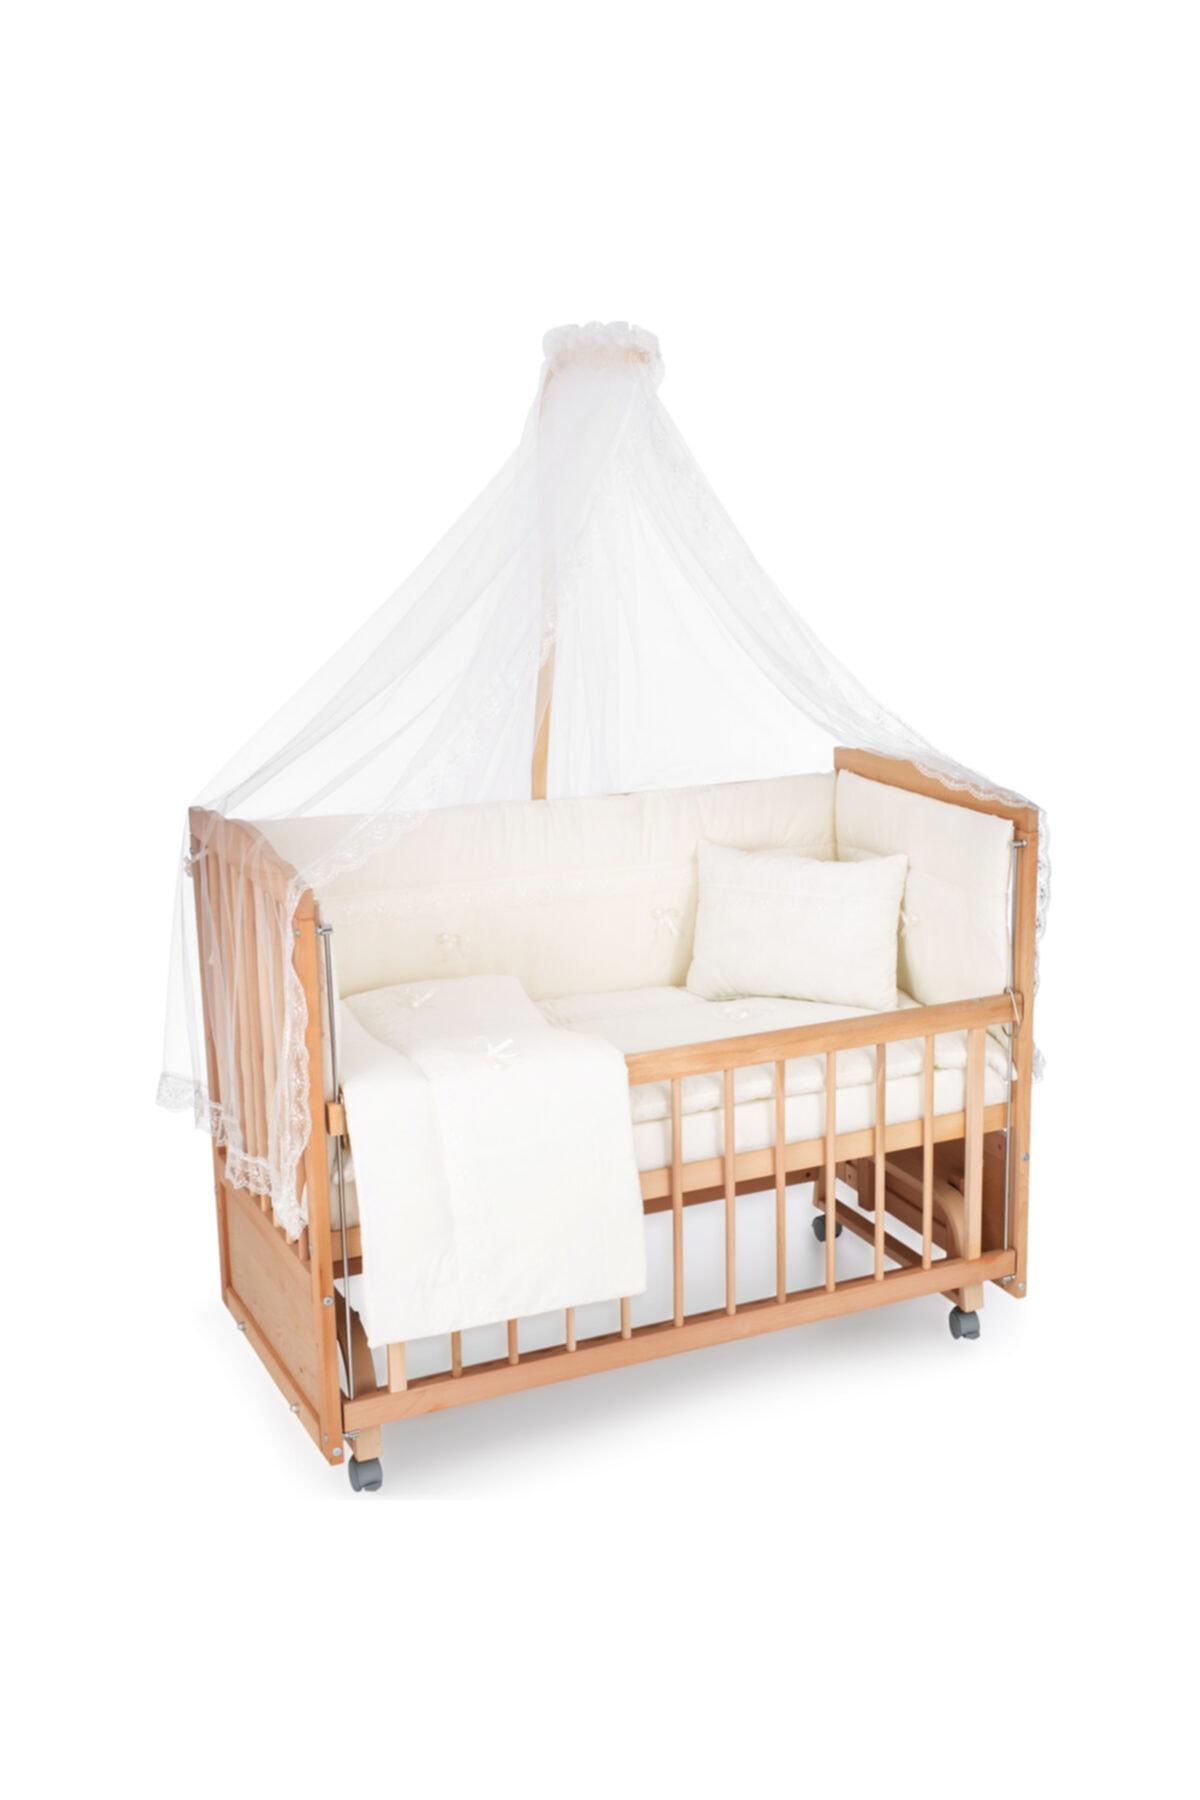 Ahşap Beşik Anne Yanı Beşik Sallanır Beşik Organik 60x120 + Ekru Güpür Uyku Seti + Yatak + Tekerlek